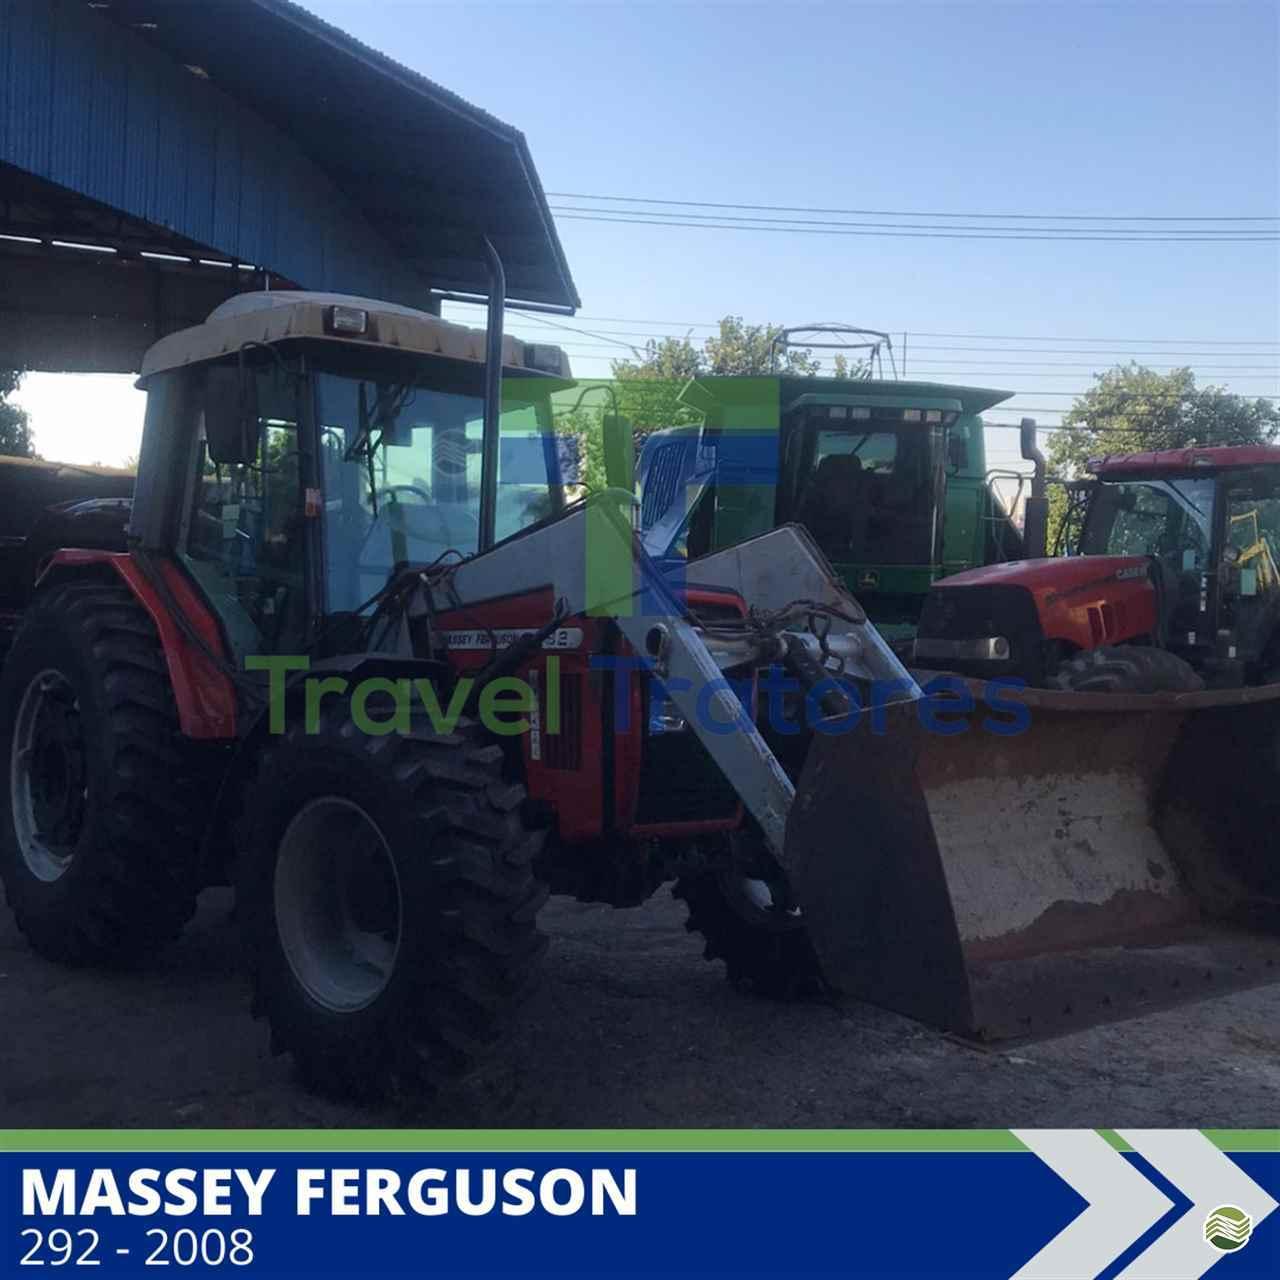 TRATOR MASSEY FERGUSON MF 292 Tração 4x4 Travel Máquinas Agrícolas LONDRINA PARANÁ PR